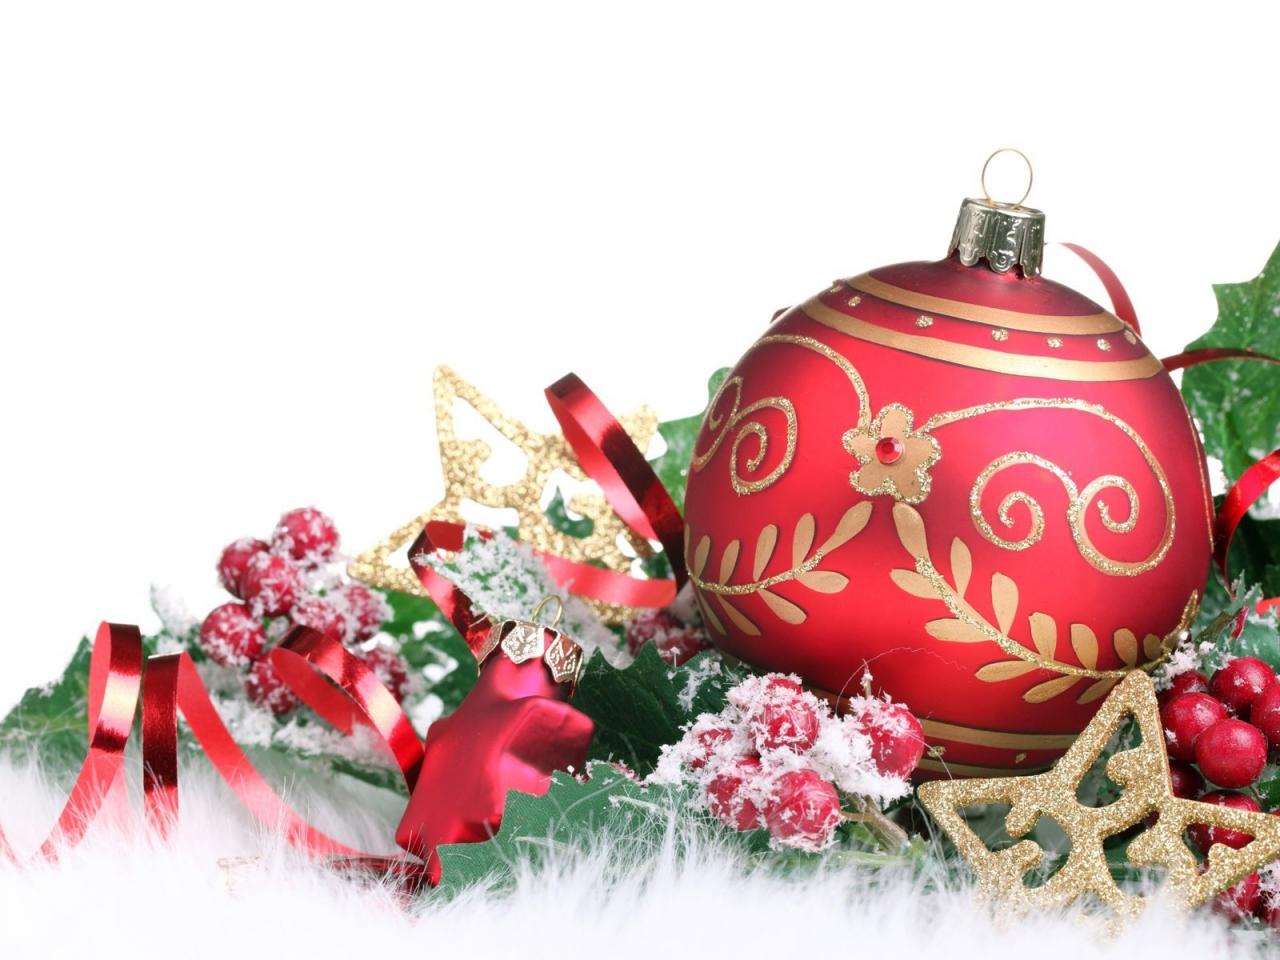 Adornos para árbol de Navidad - 1280x960